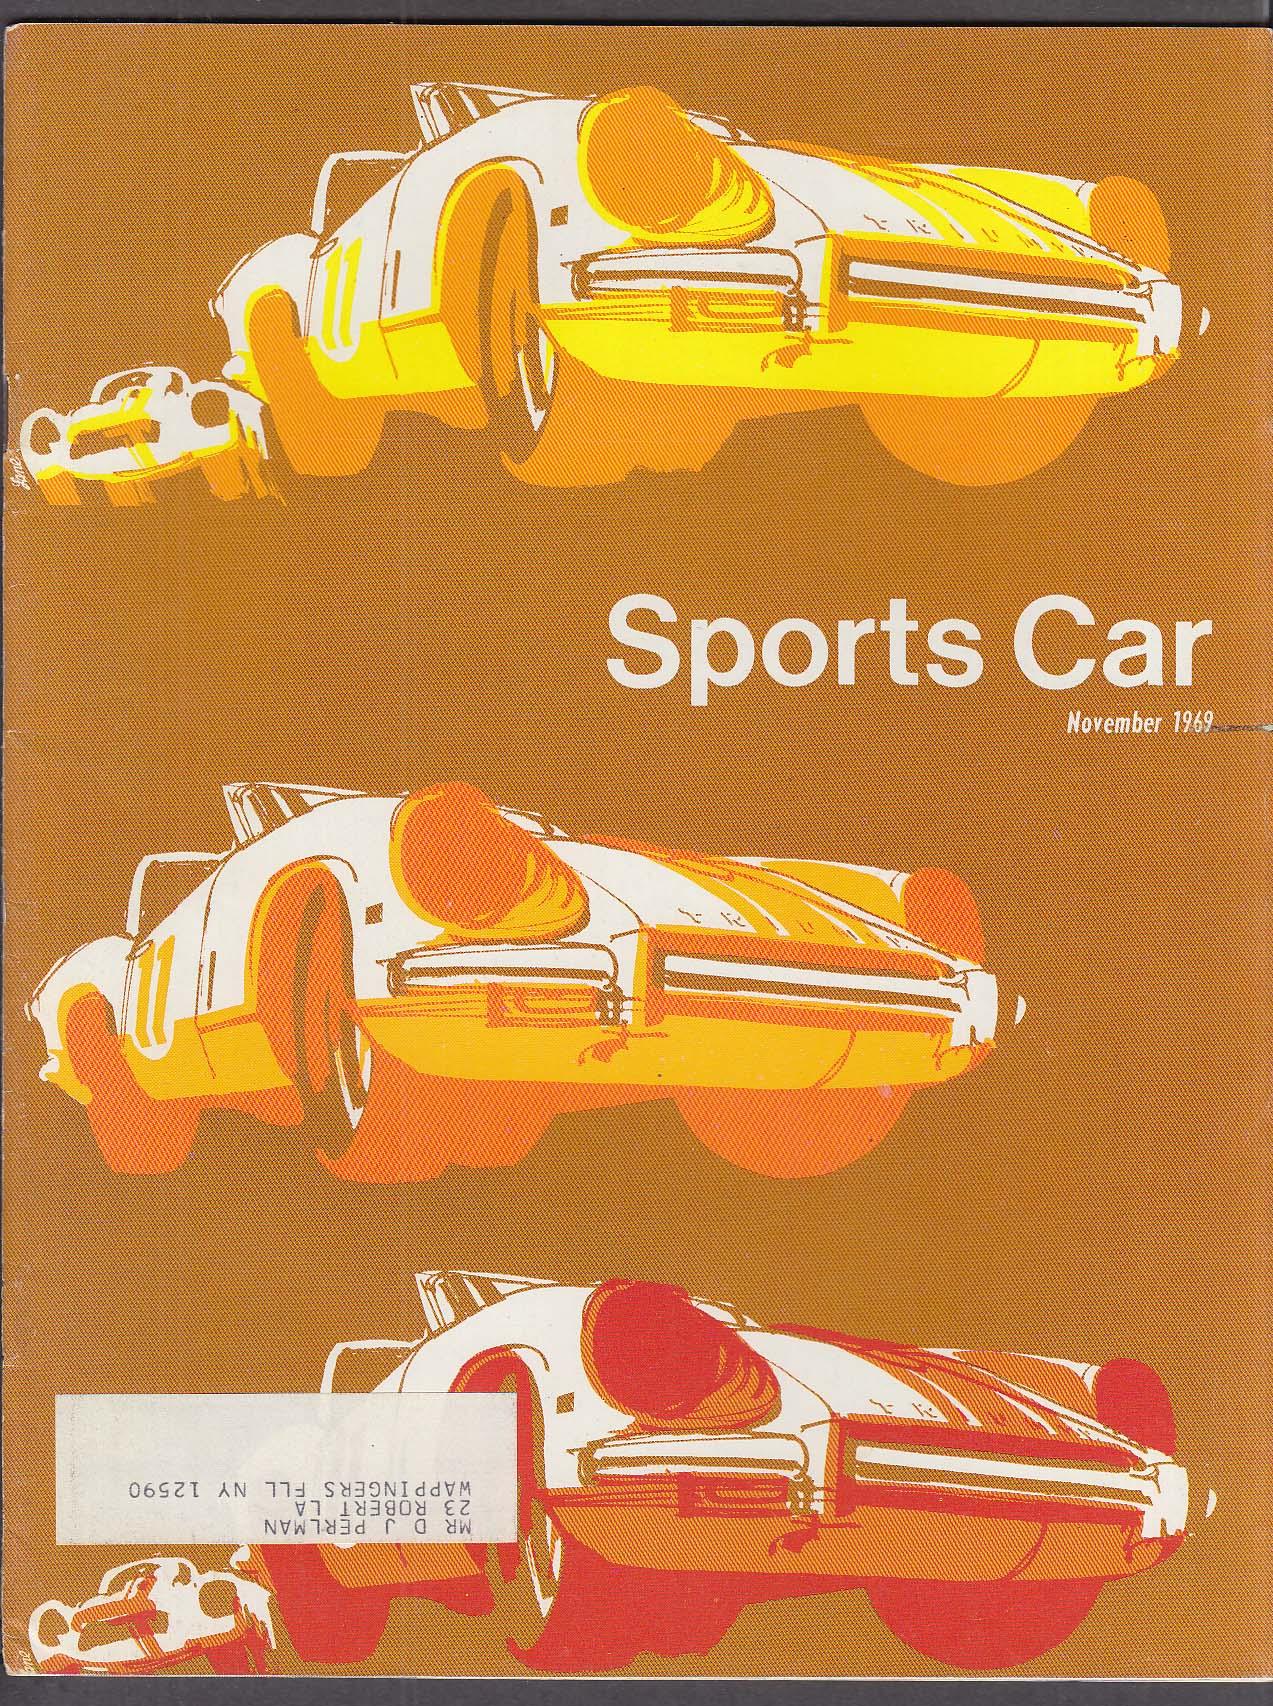 SCCA SPORTS CAR Herbert Bauchmire Bohls Jackie Oliver Donohue + 11 1969